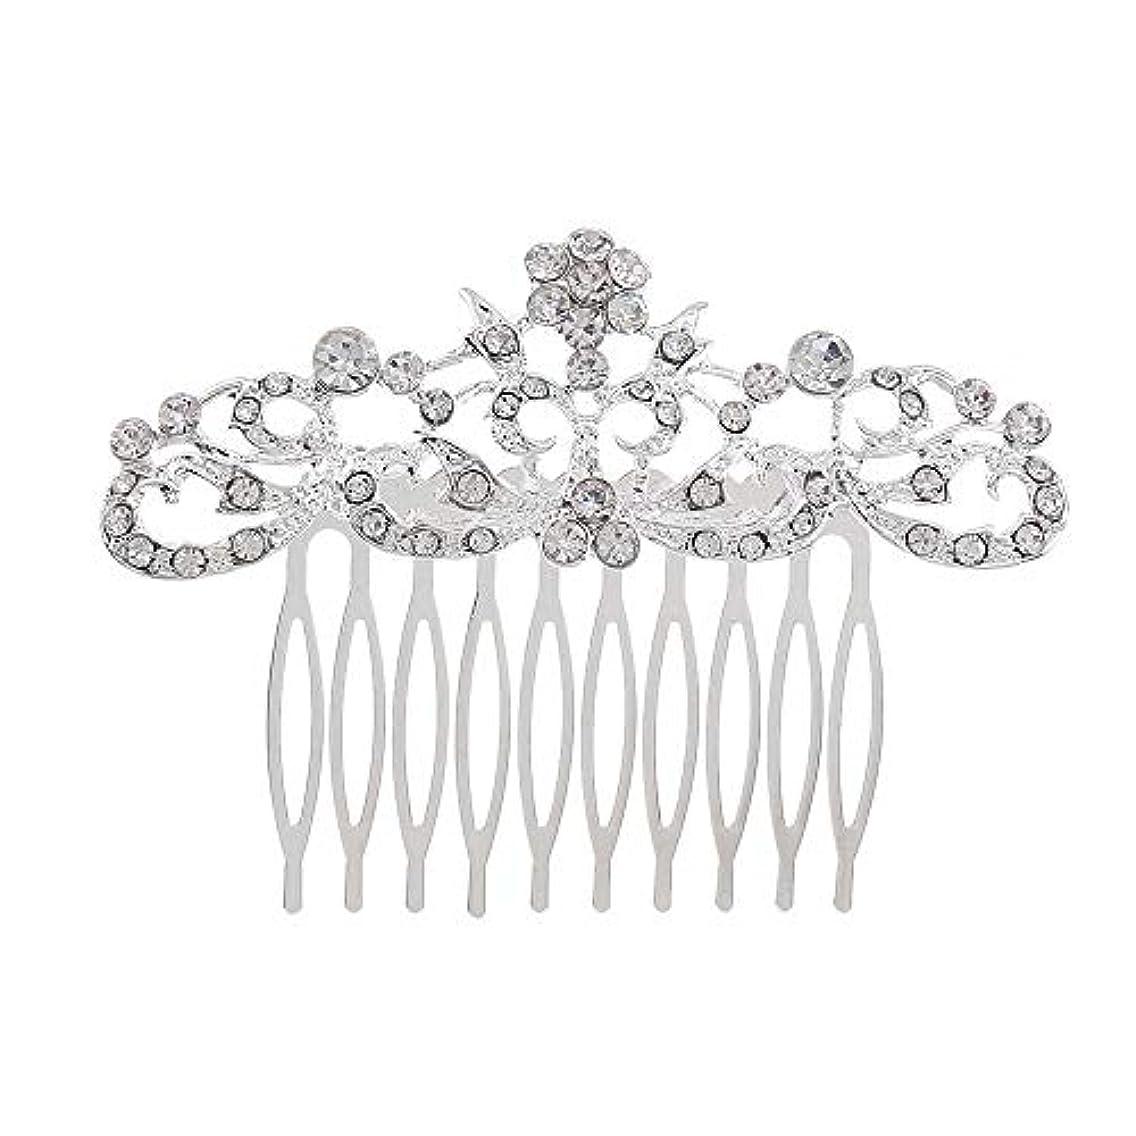 有罪自慢セマフォ髪の櫛の櫛の櫛の花嫁の髪の櫛のファッションラインストーンの櫛の櫛の花嫁の頭飾りの結婚式のアクセサリー